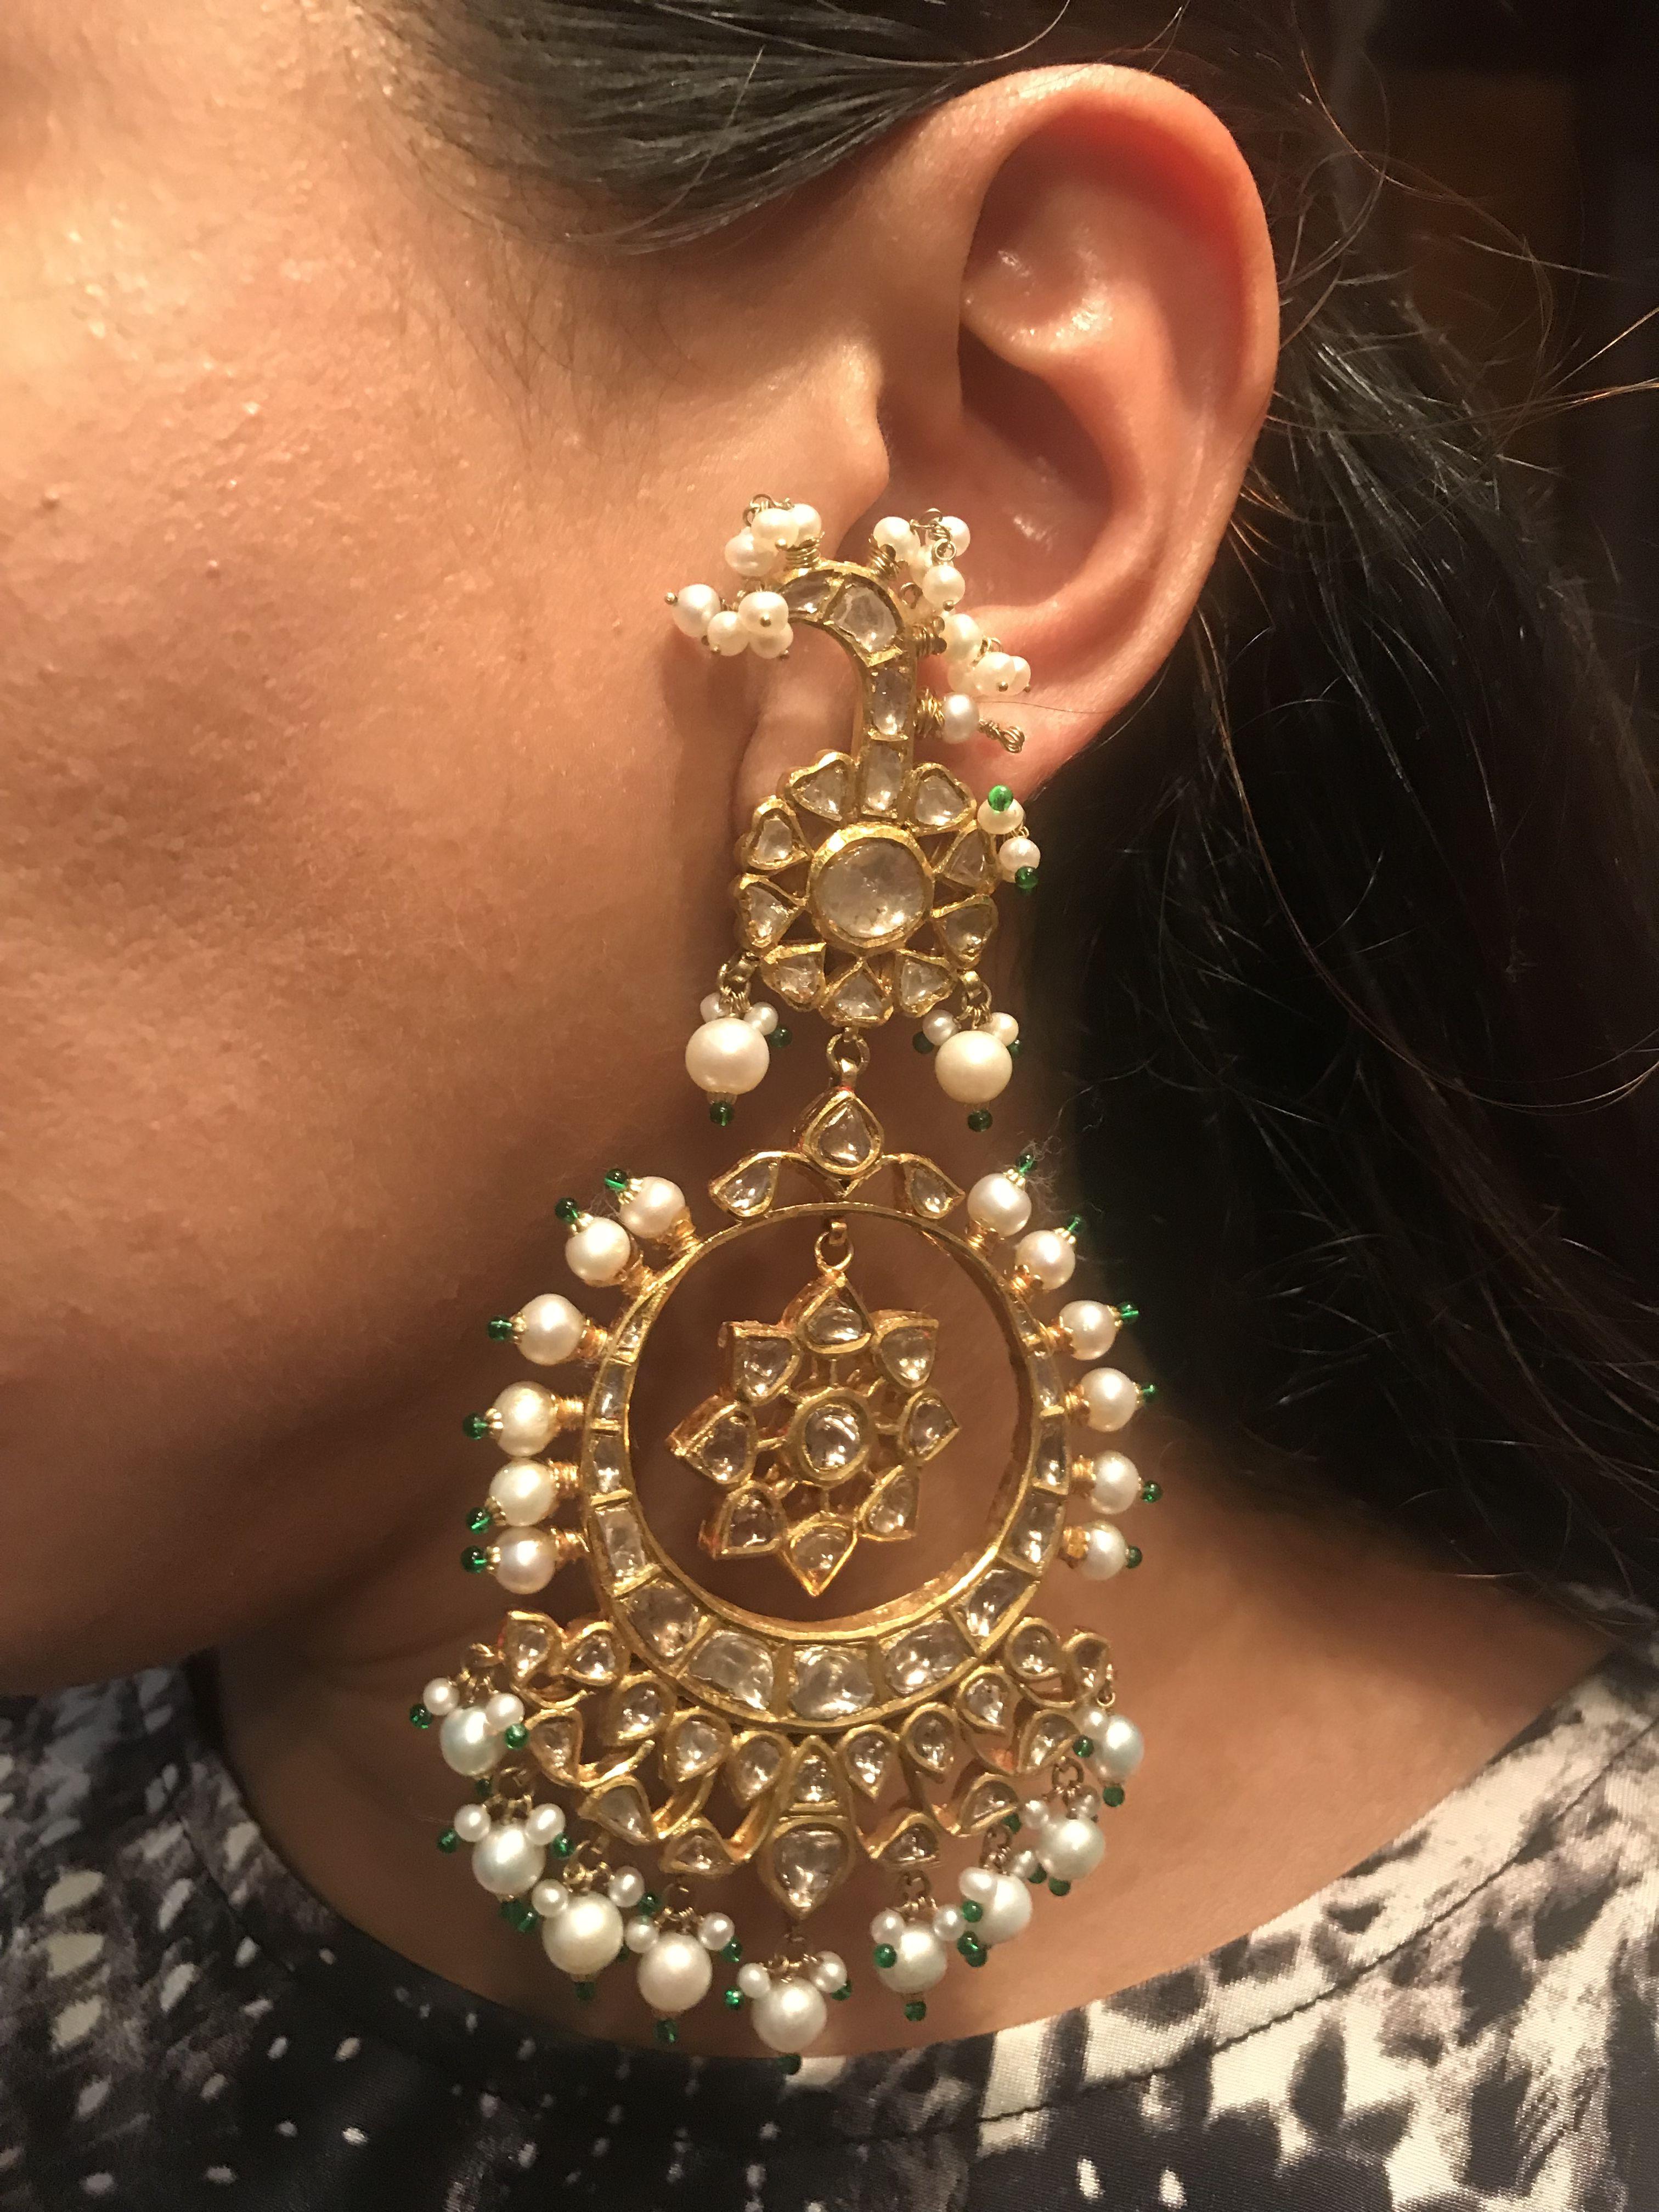 Pin by Reet Bespoke jewels by Shruti on Polki earrings